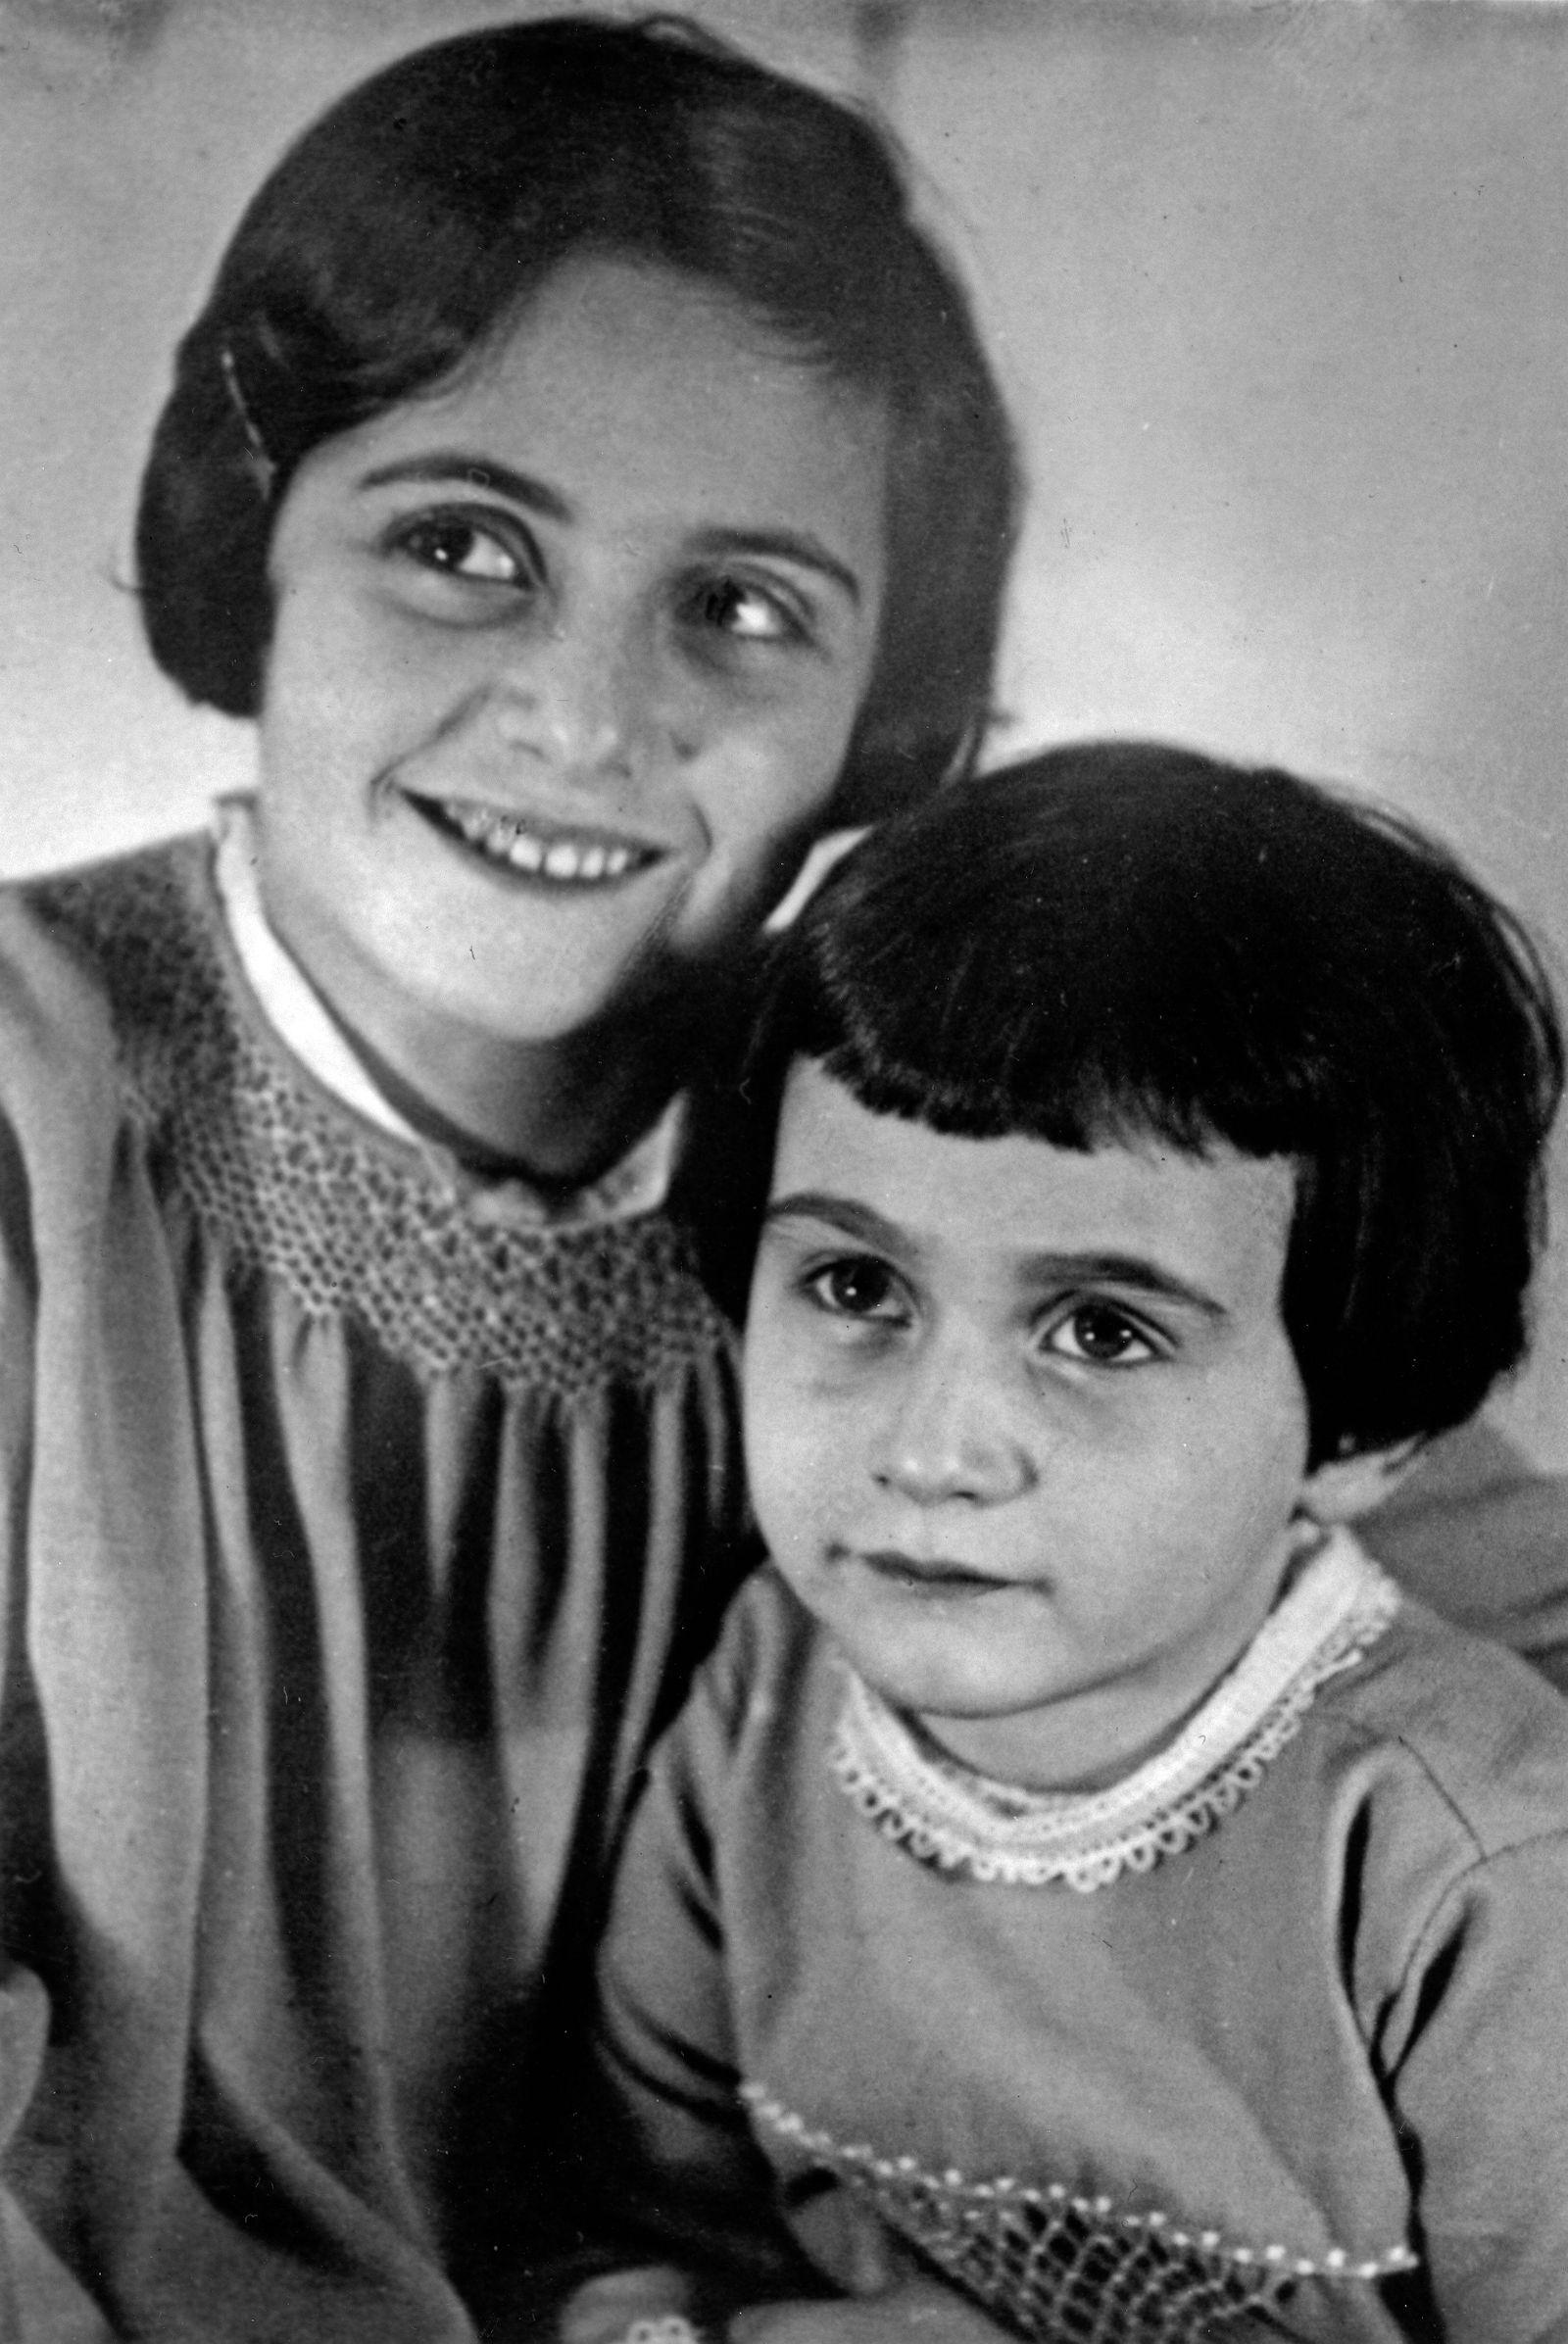 Anne Frank Remembered Großbritannien USA Niederlande 1995 Regie Jon Blair Dokumentation Anne Fr